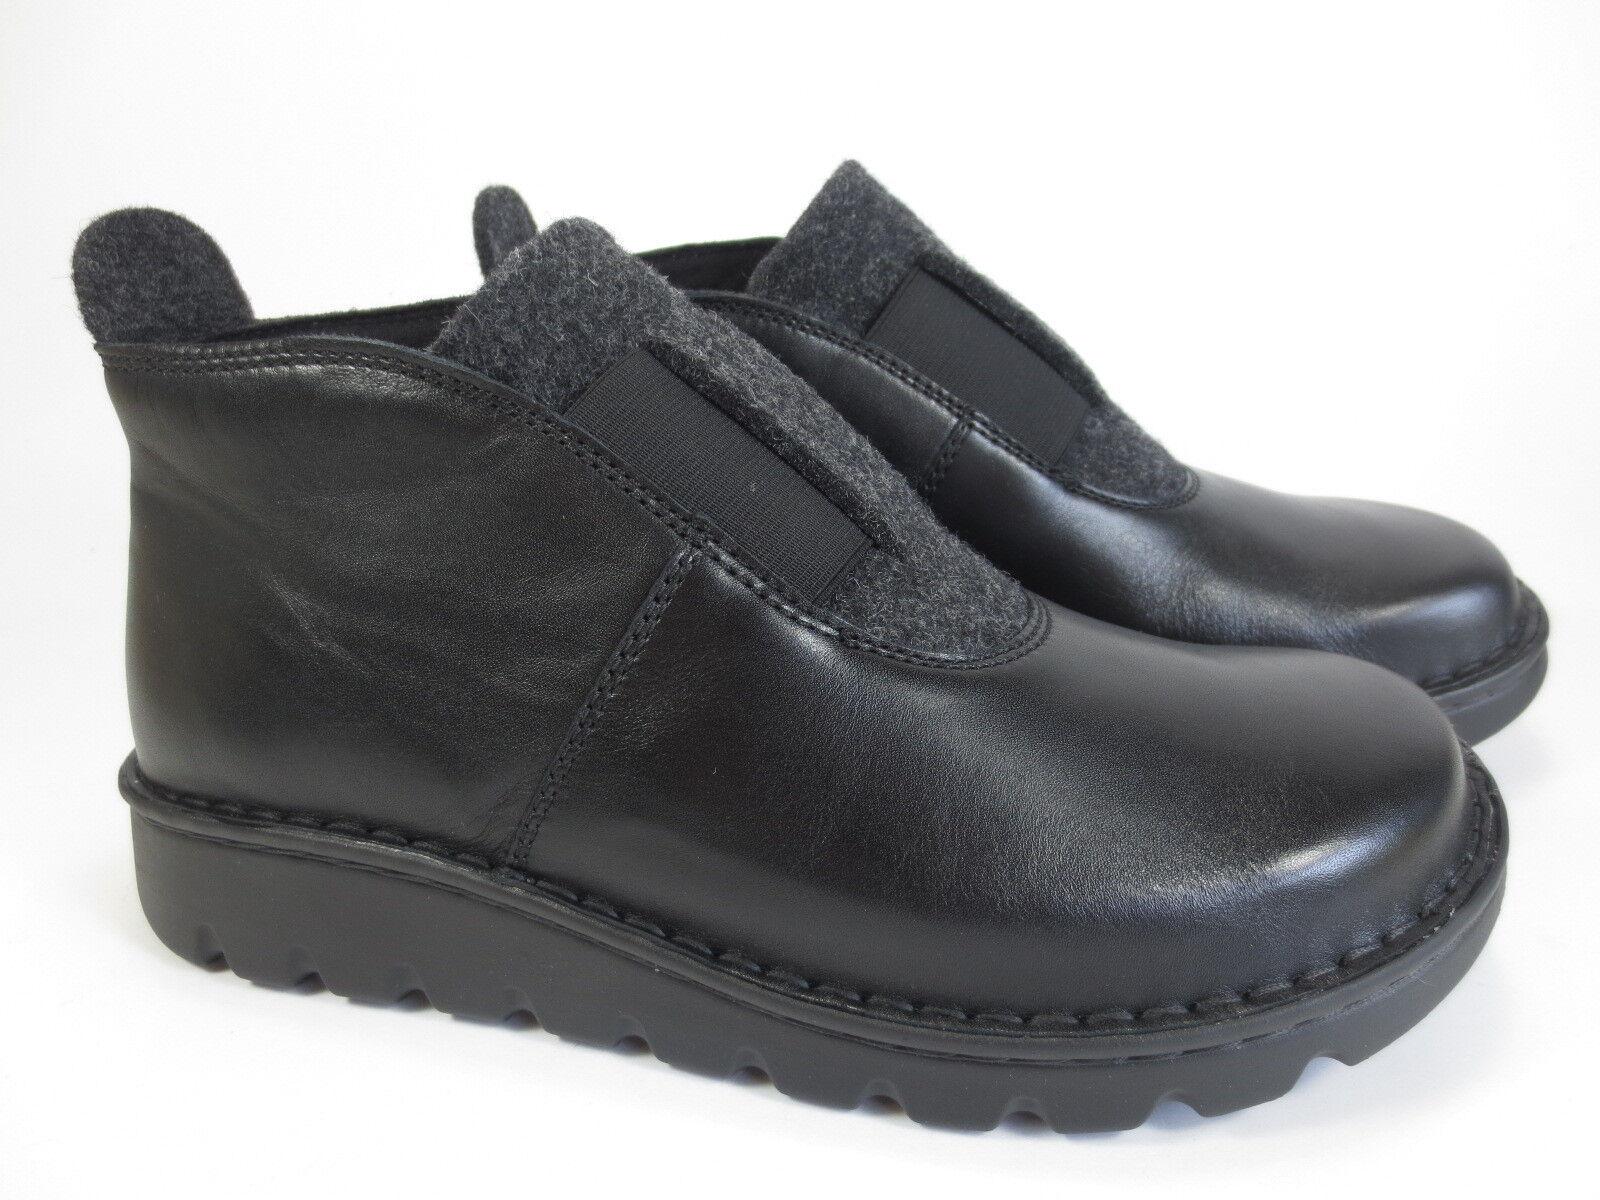 Berkehommen Resa Confort Chaussures en Cuir Bottines bottes Neuf 129,95